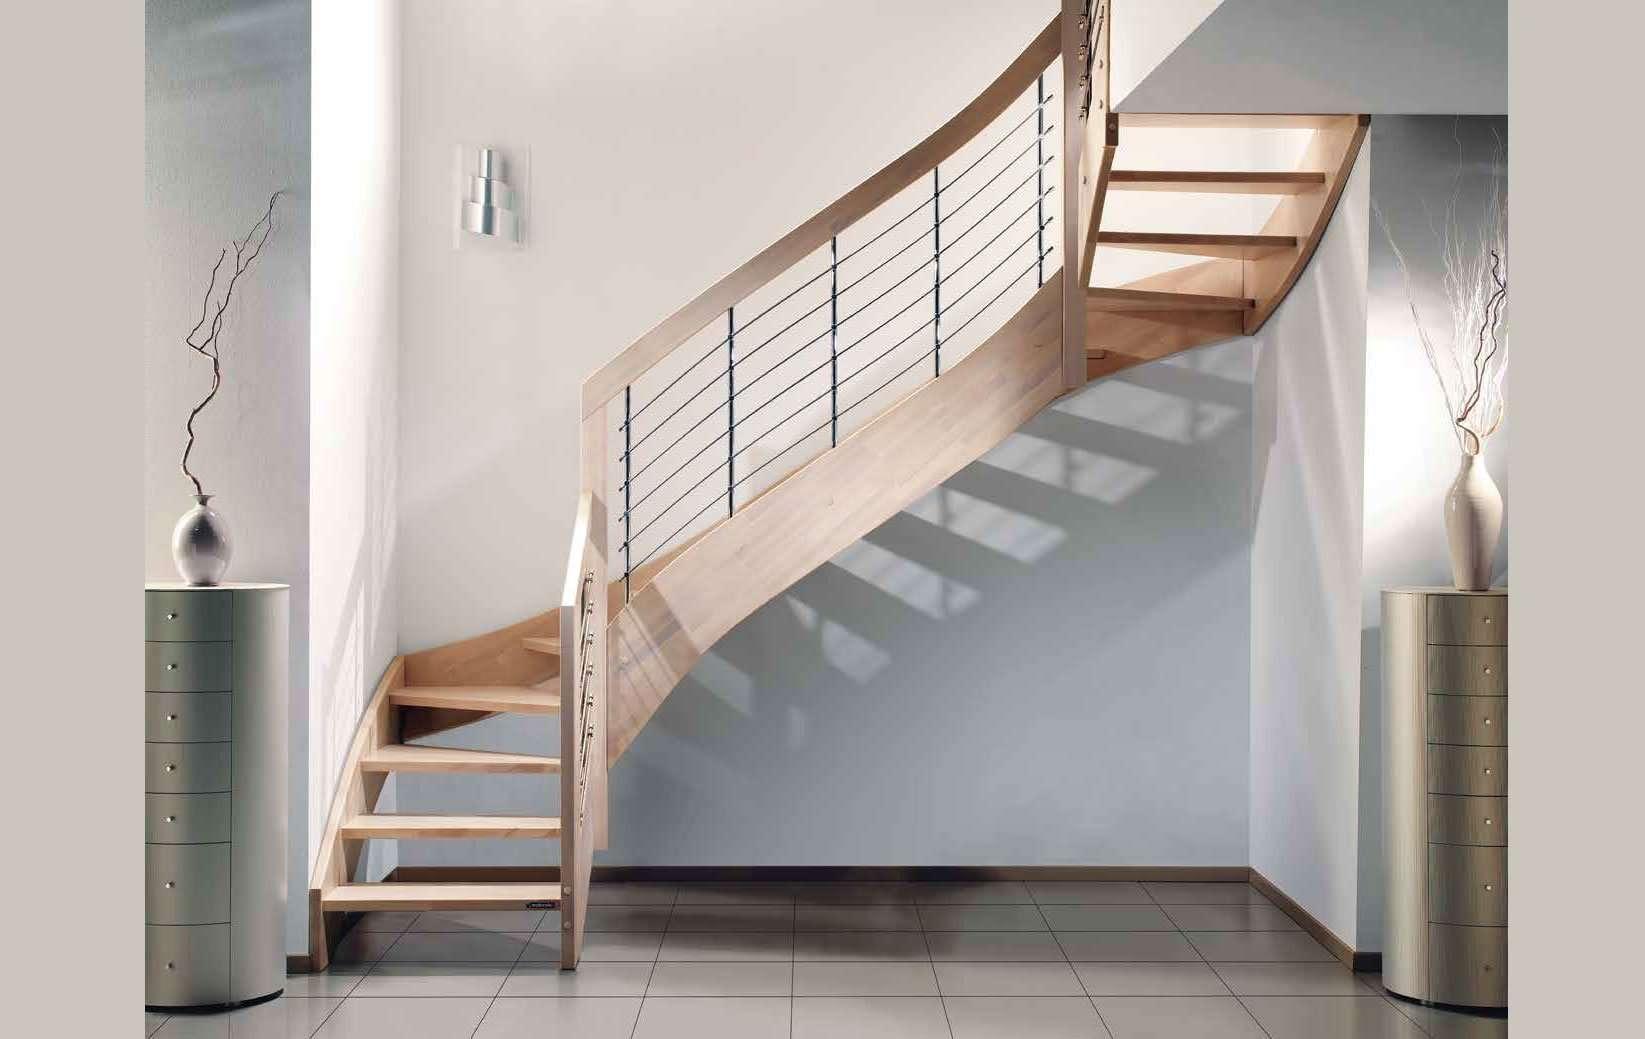 esperia escaleras italianas escaleras de madera maciza escaleras para interiores escaleras de madera escaleras escaleras de medidas escaleras